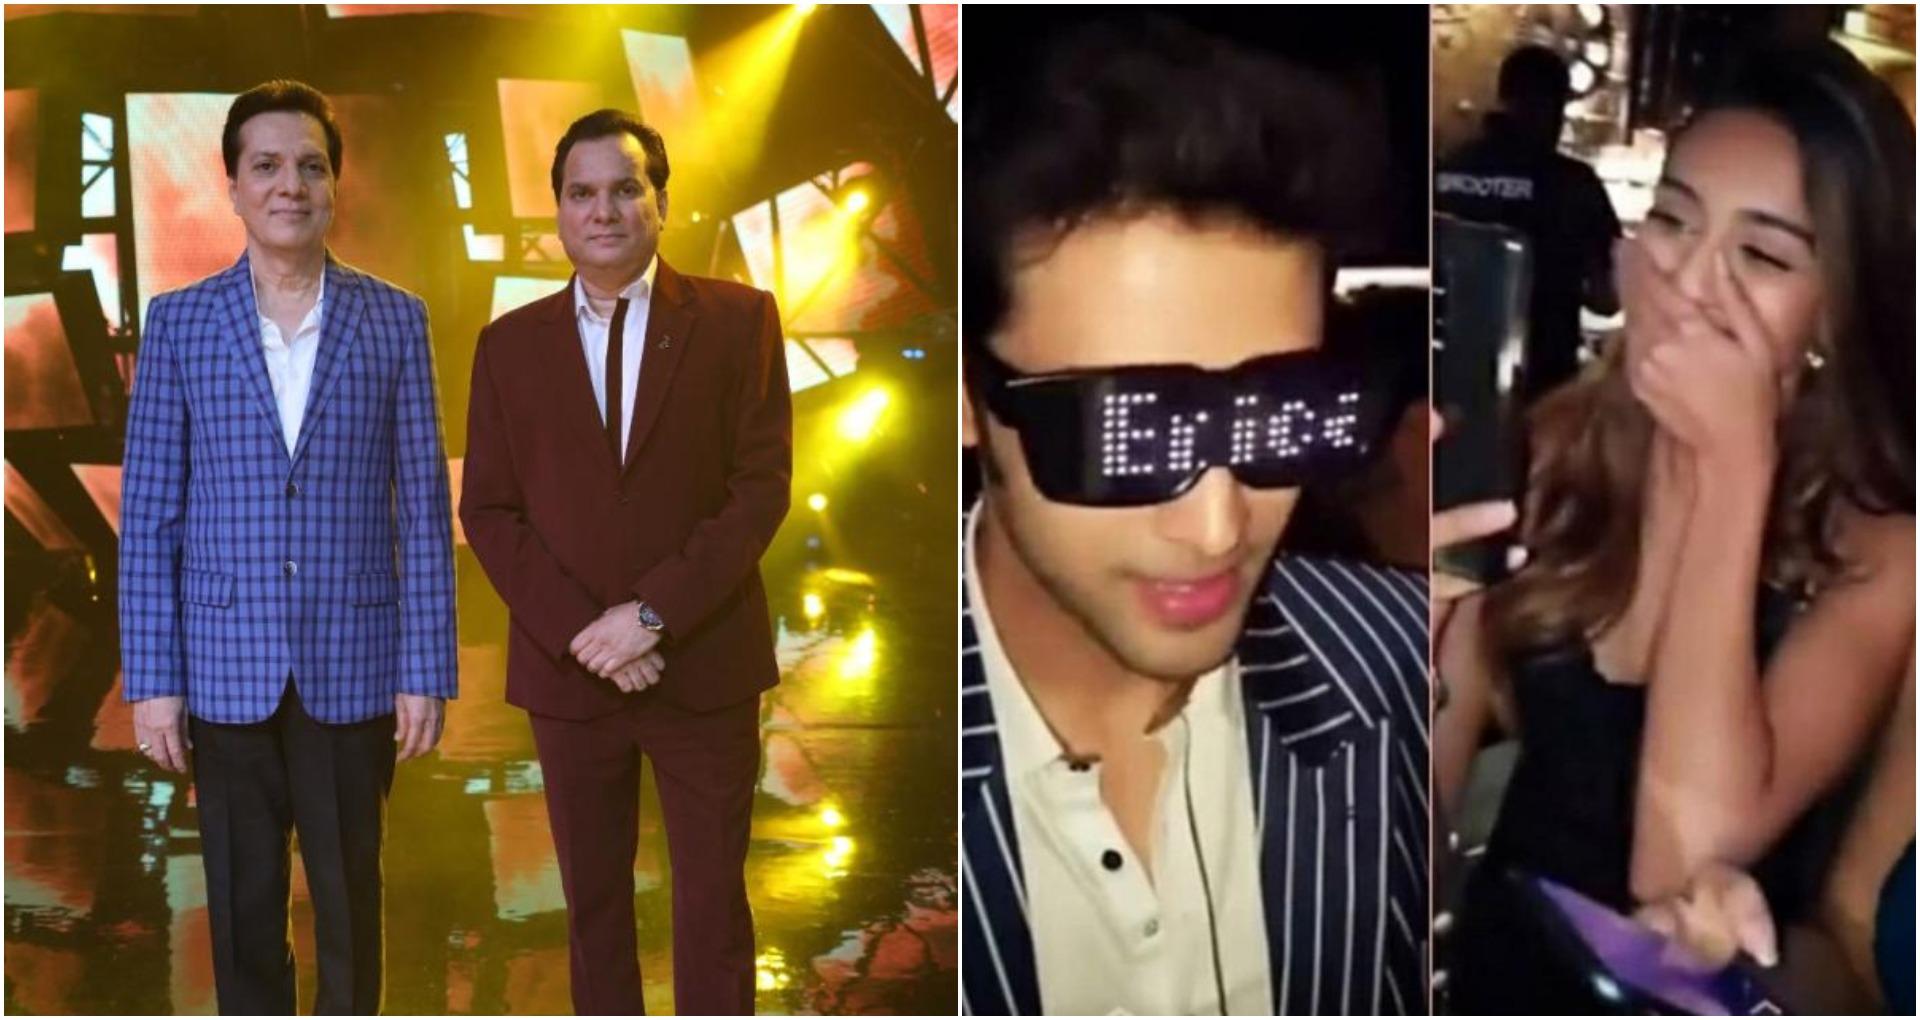 TV TOP 5 NEWS: इंडियन आइडियल में रचा इतिहास से लेकर पार्थ समथान संग एरिका की पार्टी तक टीवी की 5 बड़ी खबरें पढ़े